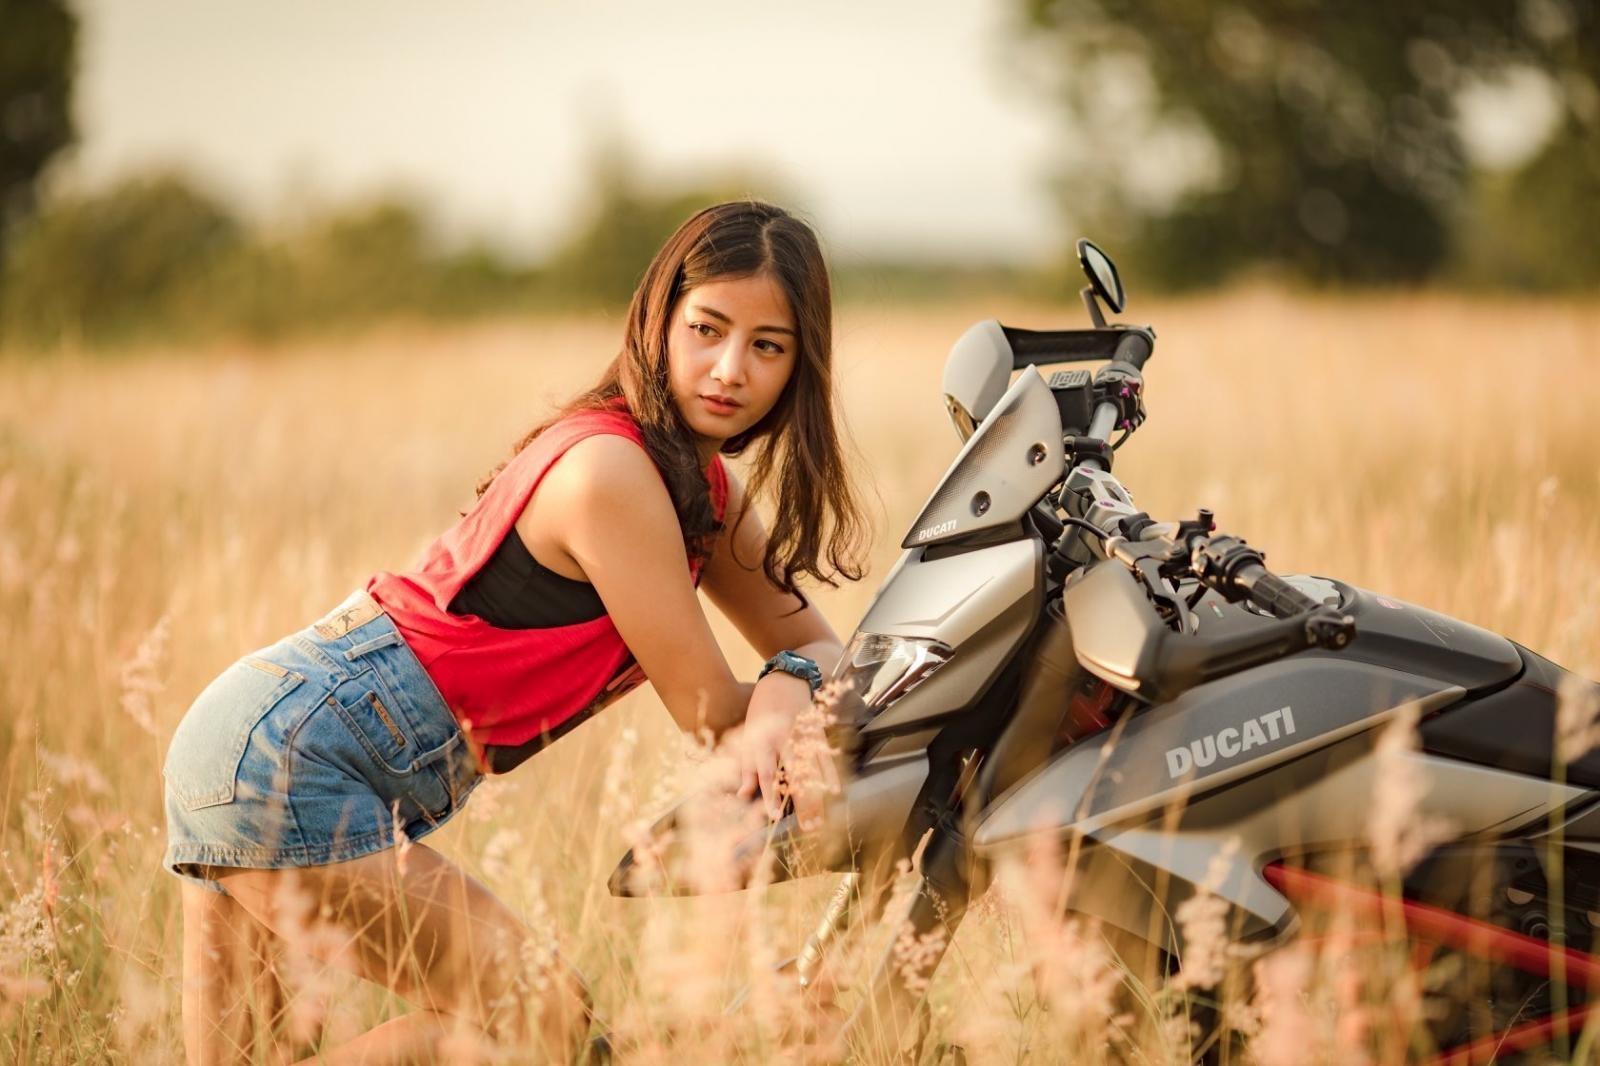 Thiếu nữ nhẹ nhàng, lãng mạn cùng mô tô phân khối lớn Ducati Hypermotard - 6